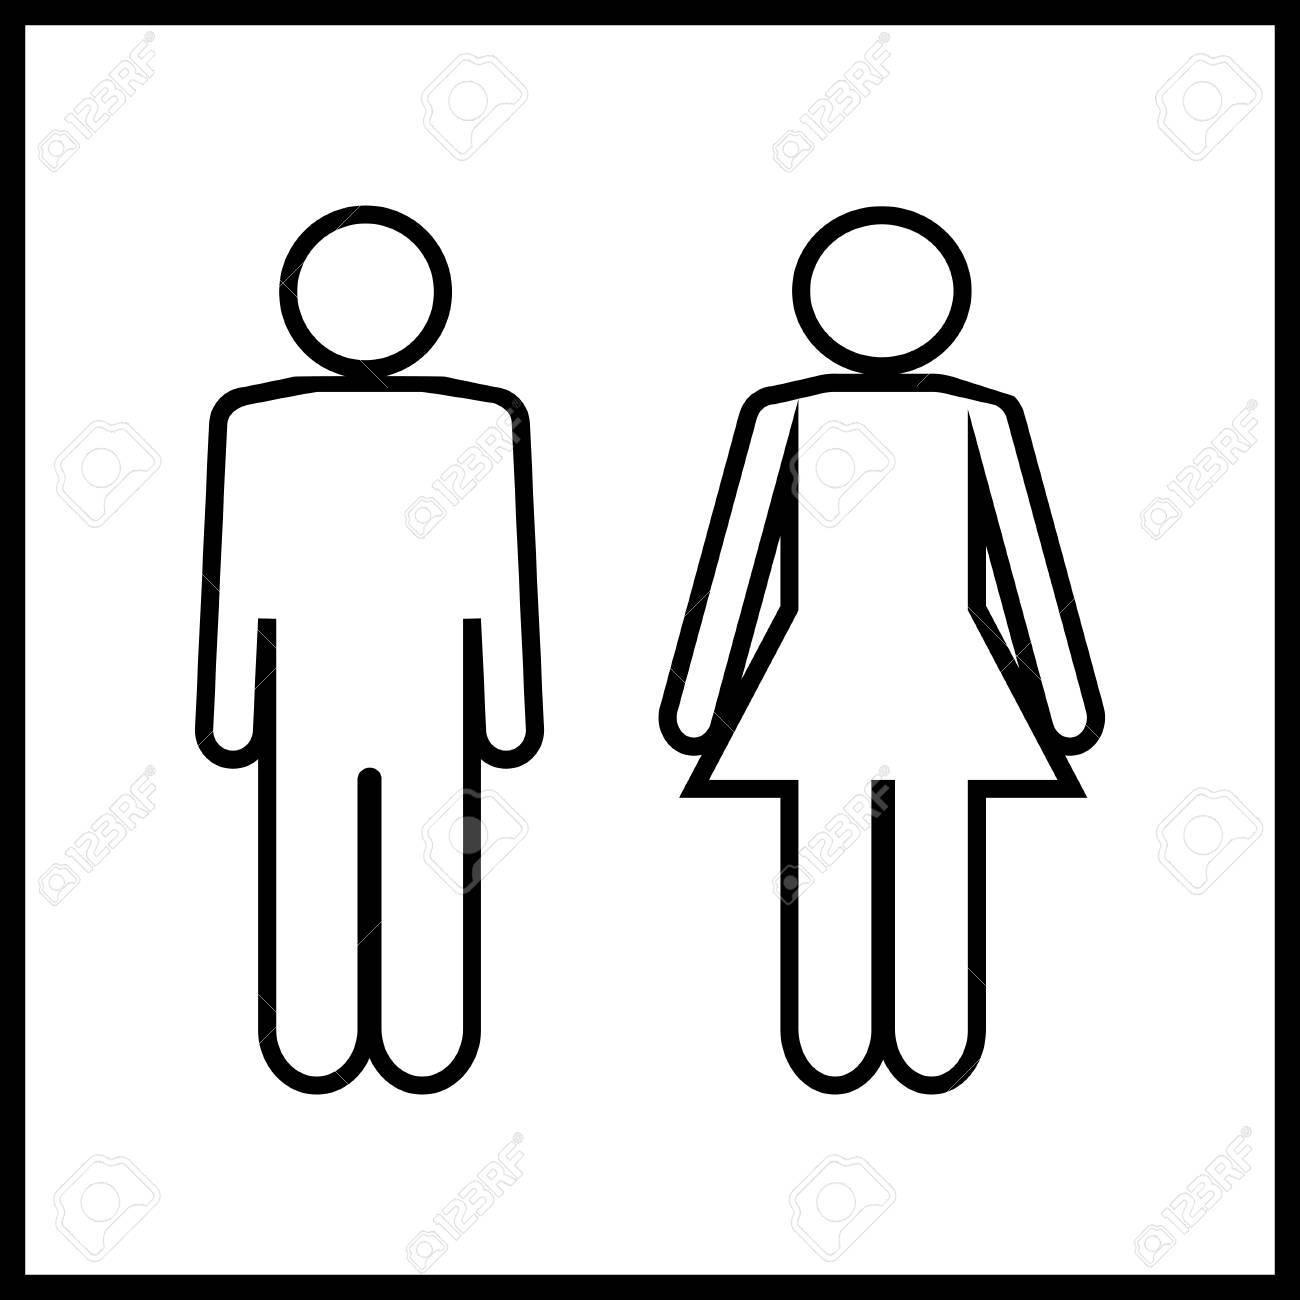 Probleme Humidite Salle De Bain ~ Les Hommes Et Les Femmes Silhouette Sur Fond Blanc Wc Ic Ne Ic Ne